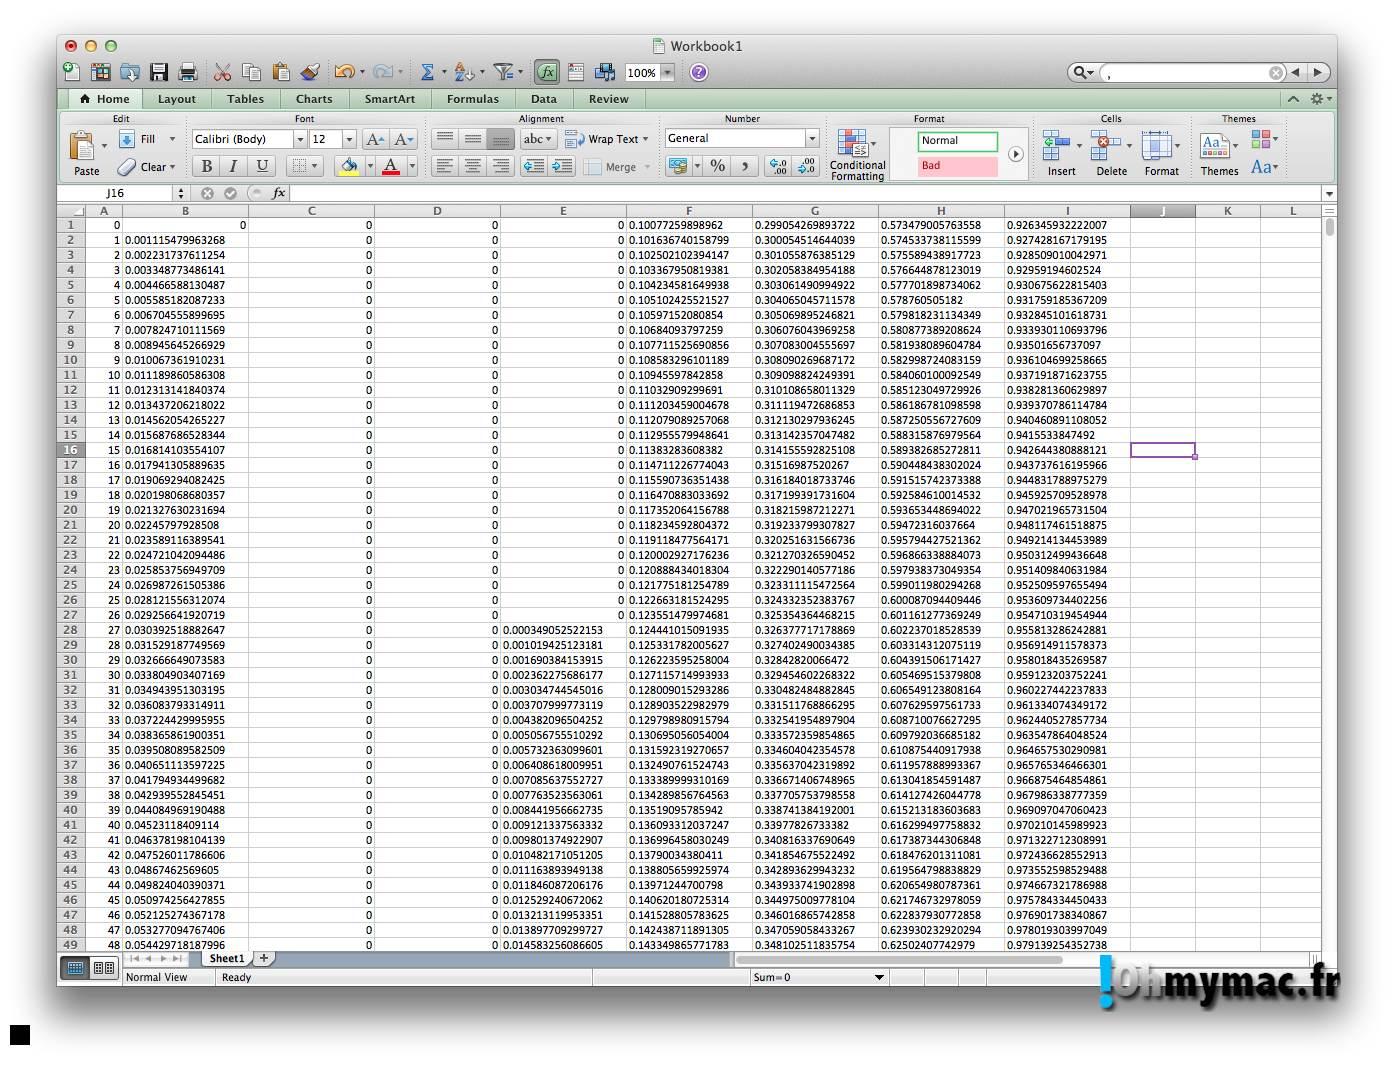 Ohmymac Séparateur décimal sur Excel 2011 Mac 06